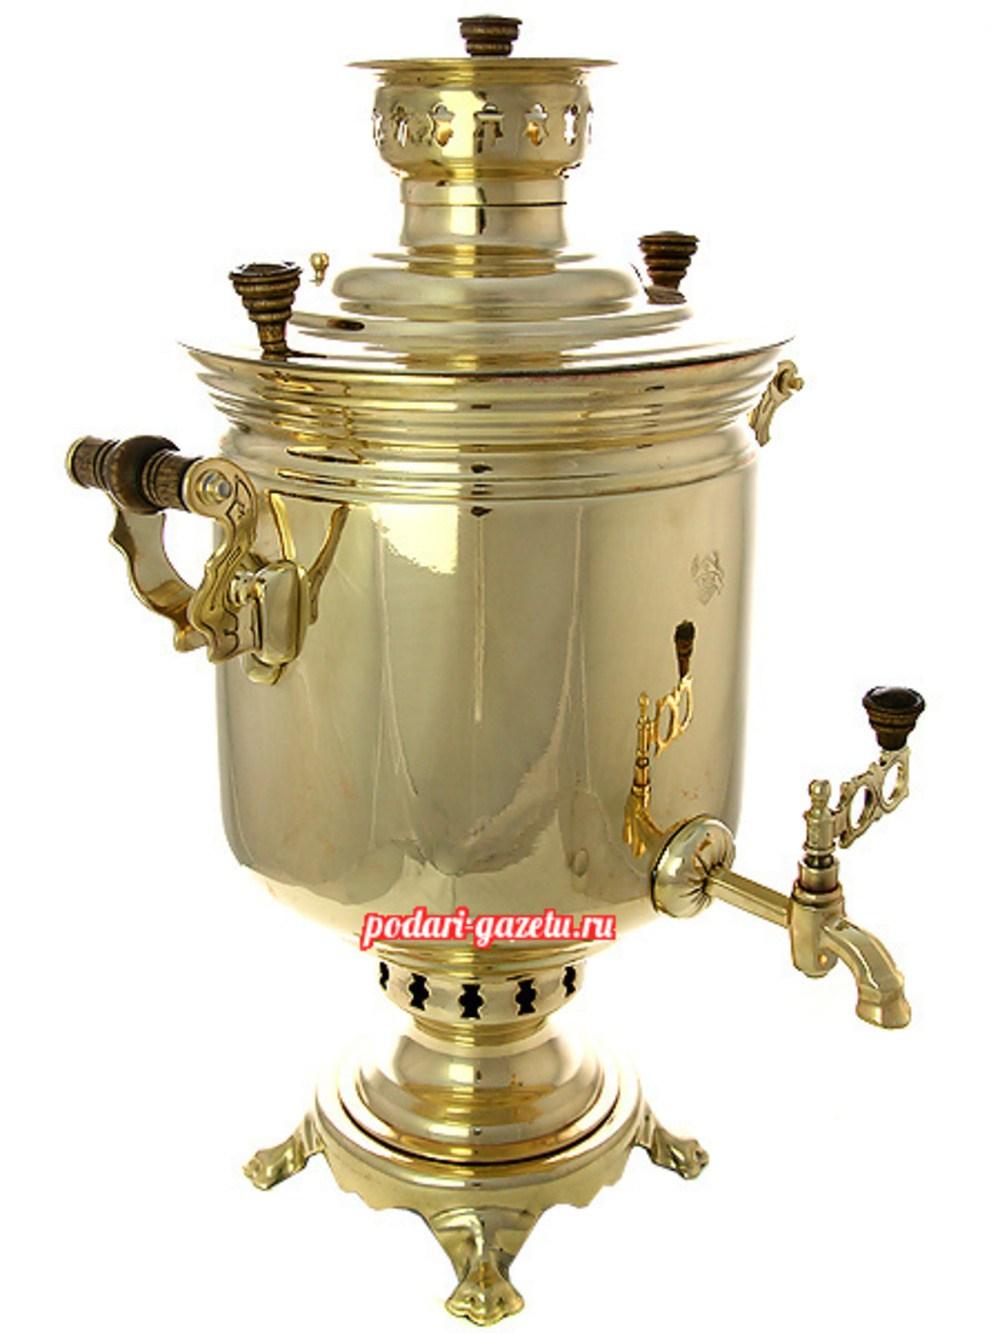 Угольный самовар (жаровый, дровяной) на 7 литров, желтый цилиндр